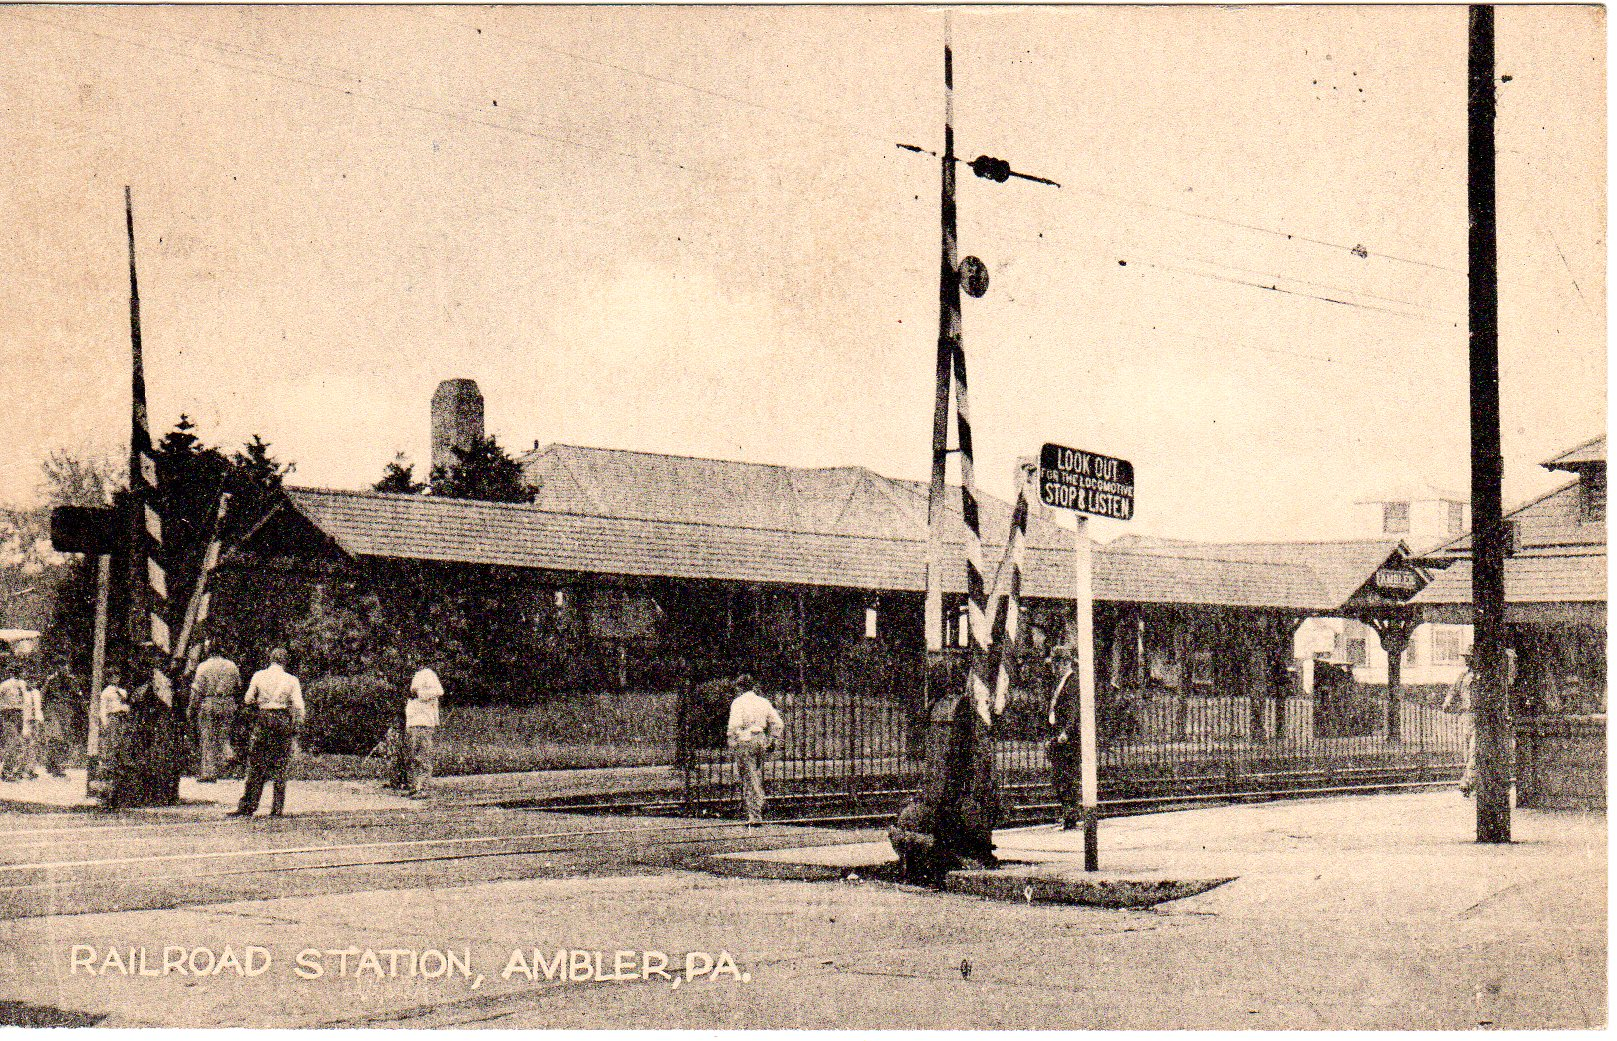 Post Card Collection (E Simon)_2682_11_Railroad Station, Ambler, Pa_7 Apr 1950